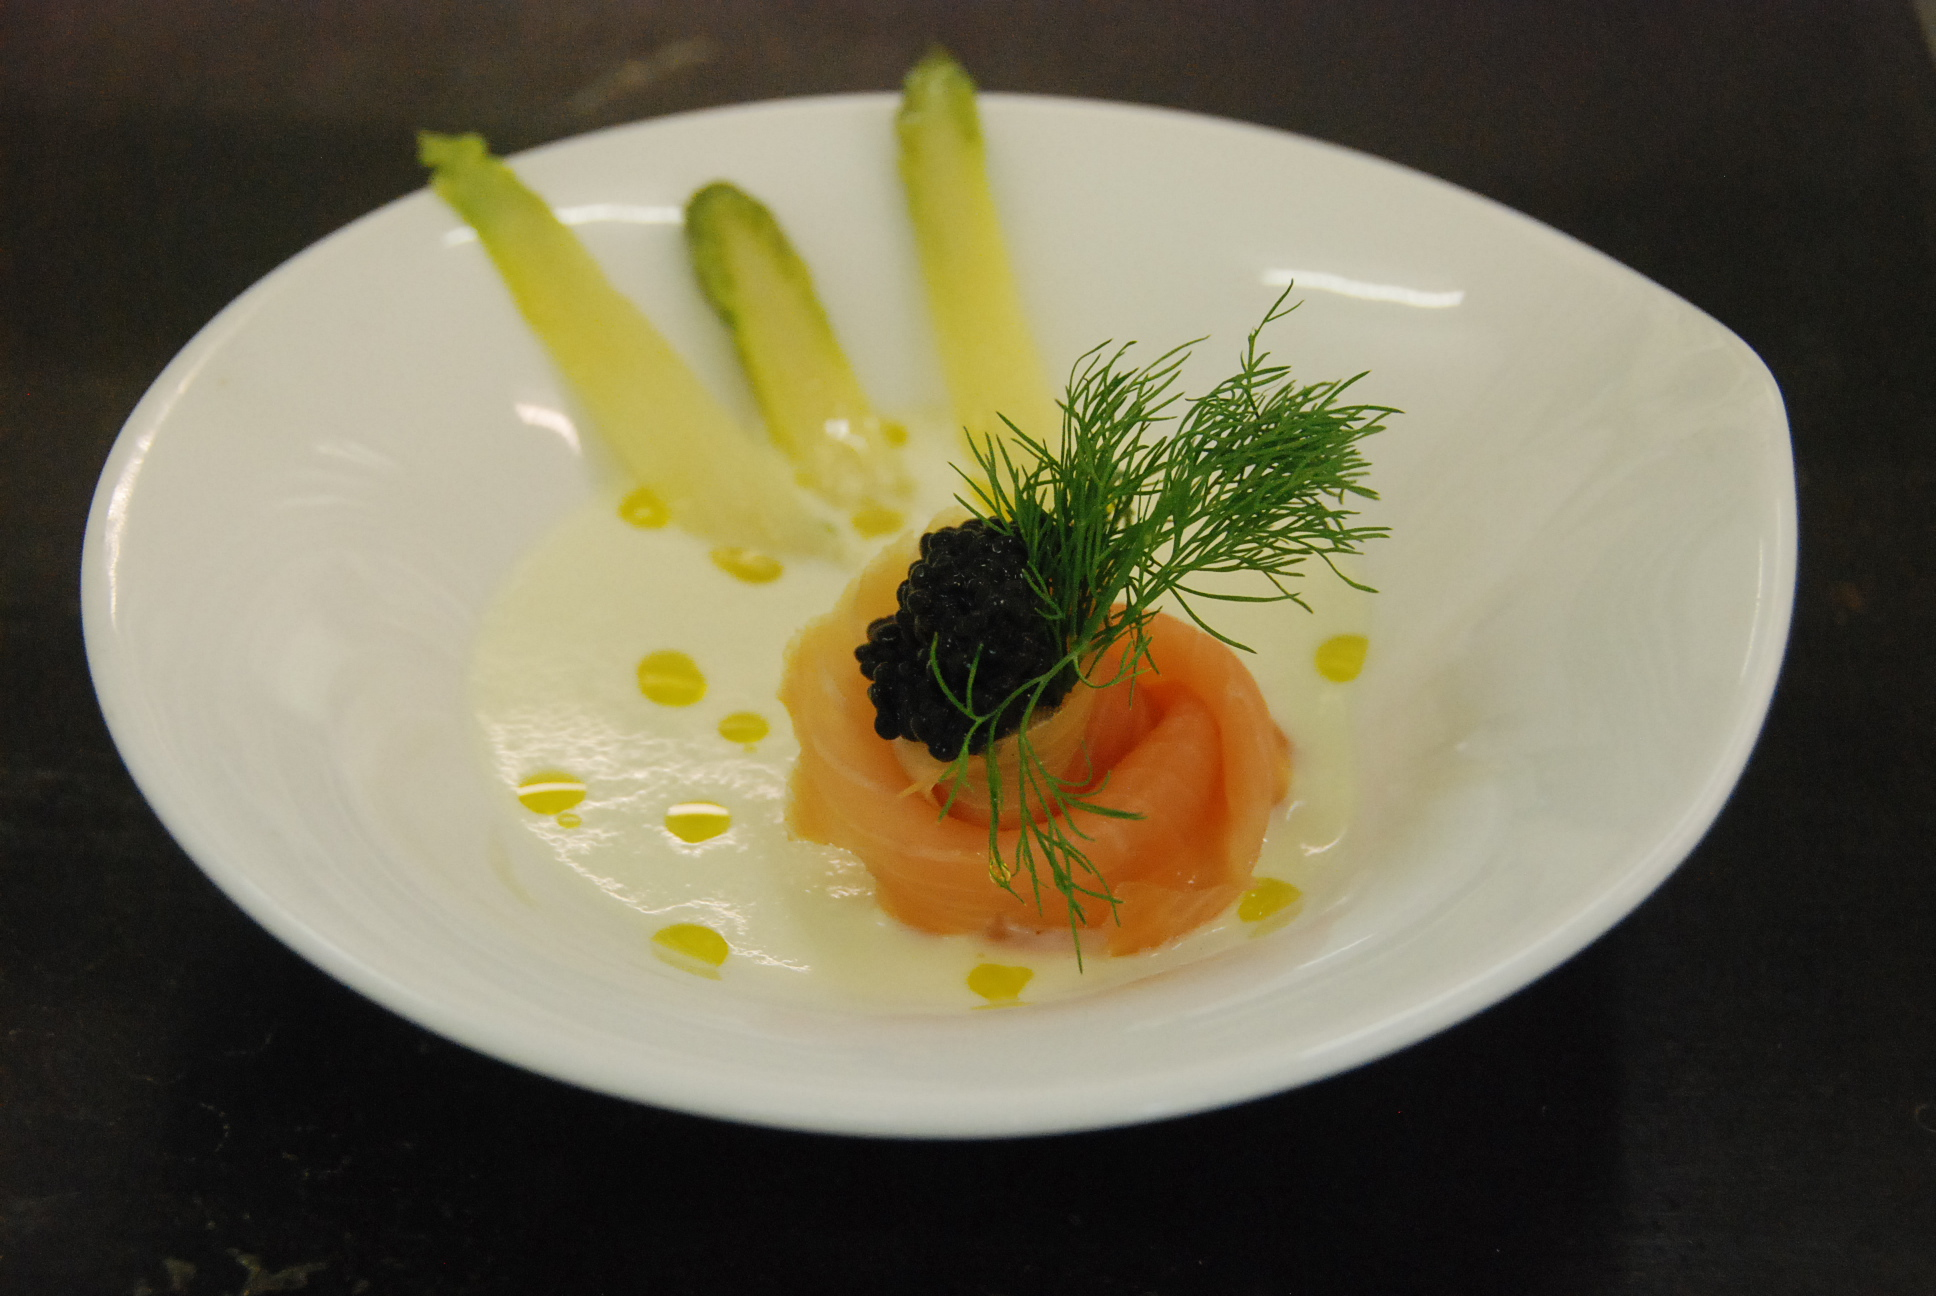 velout d 39 asperges saumon fum oeufs de harengs cf institut paul bocuse cuisine plurielle. Black Bedroom Furniture Sets. Home Design Ideas